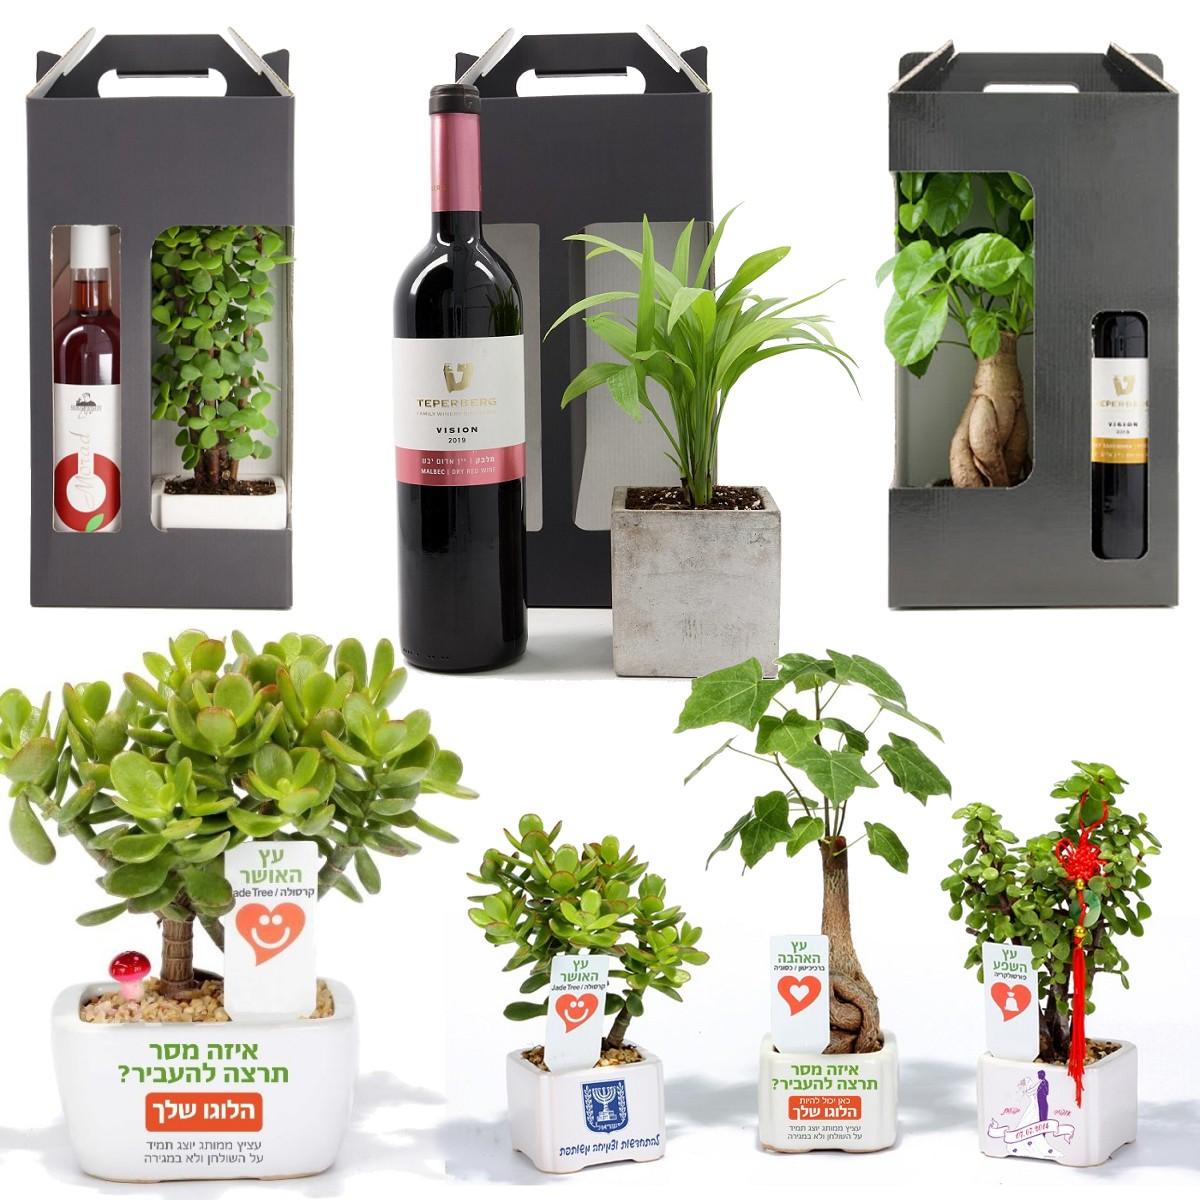 מארזי שי לחג: עציץ ממותג + בקבוק יין